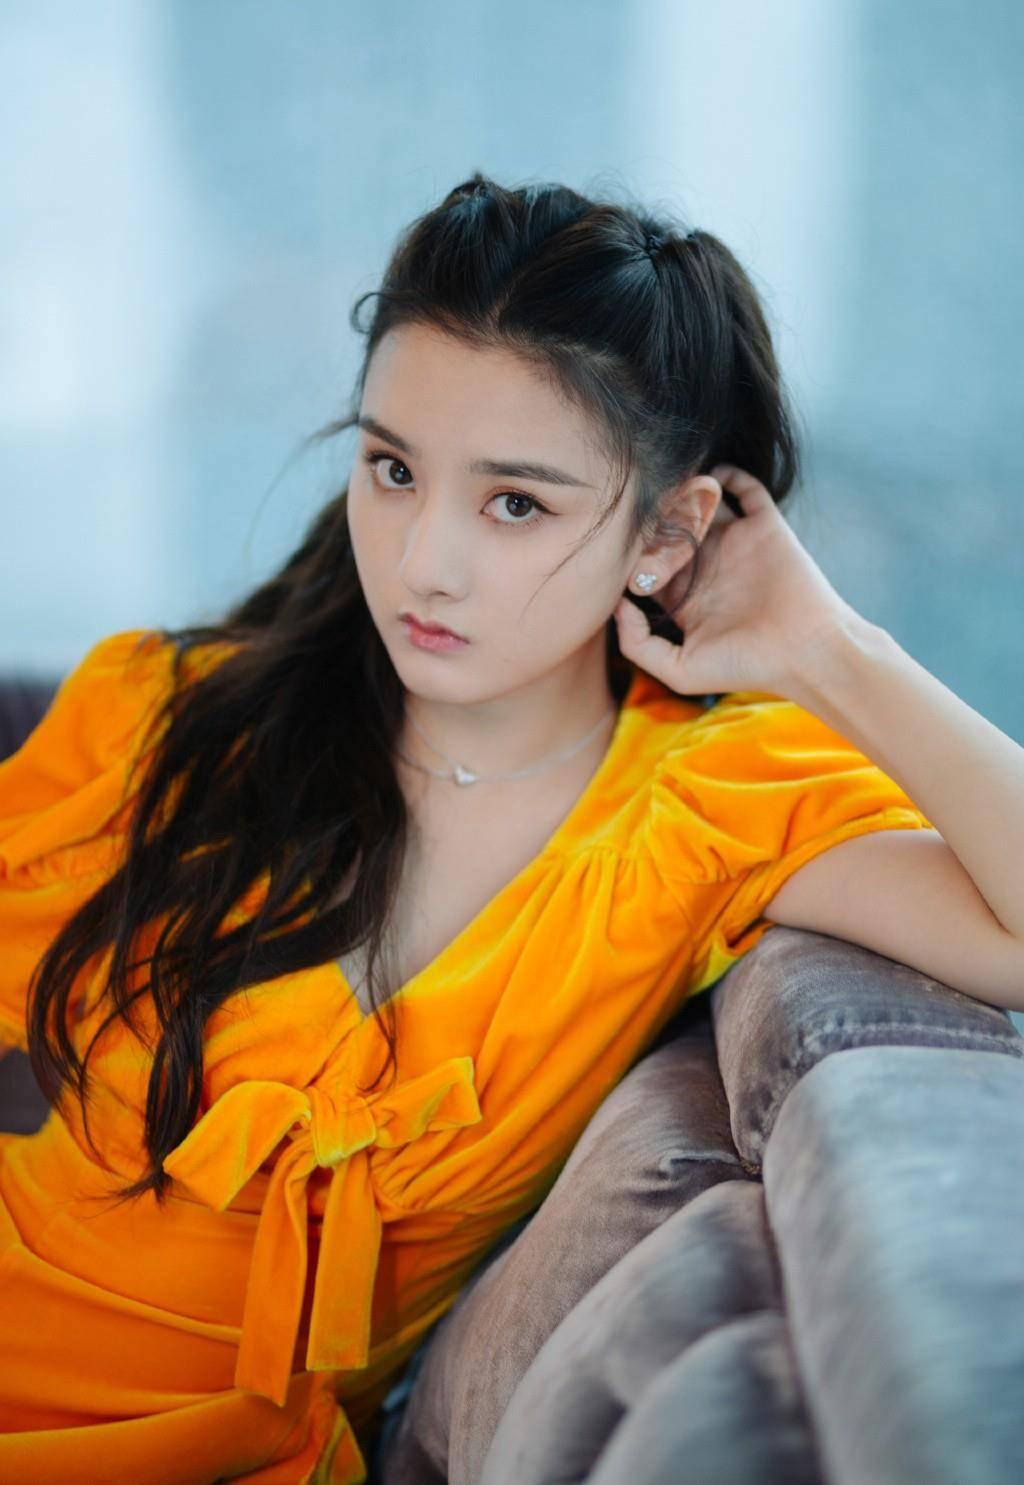 宋祖儿橘黄色连衣裙,穿成活力少女,配水钻鞋公主感十足